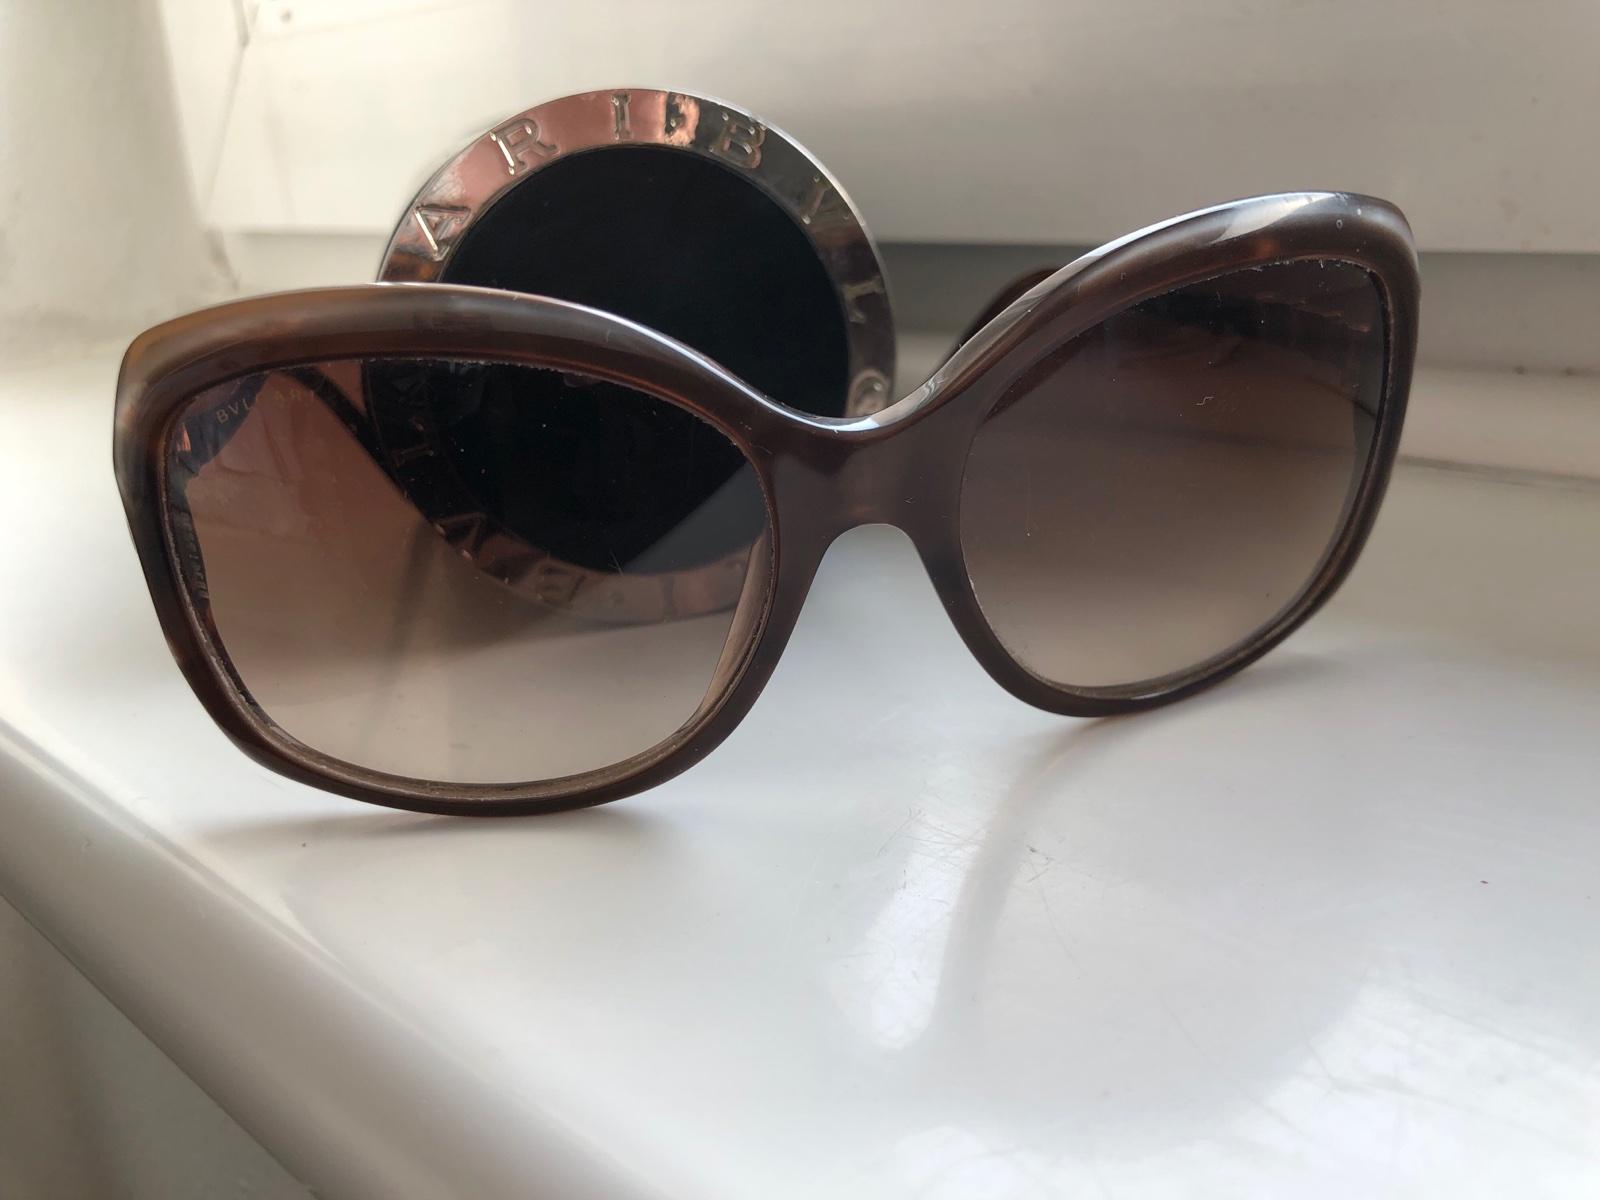 054fcee6a Slnečné okuliare bvlgari, - 94 € od predávajúcej furdzova | Detský bazár |  ModryKonik.sk